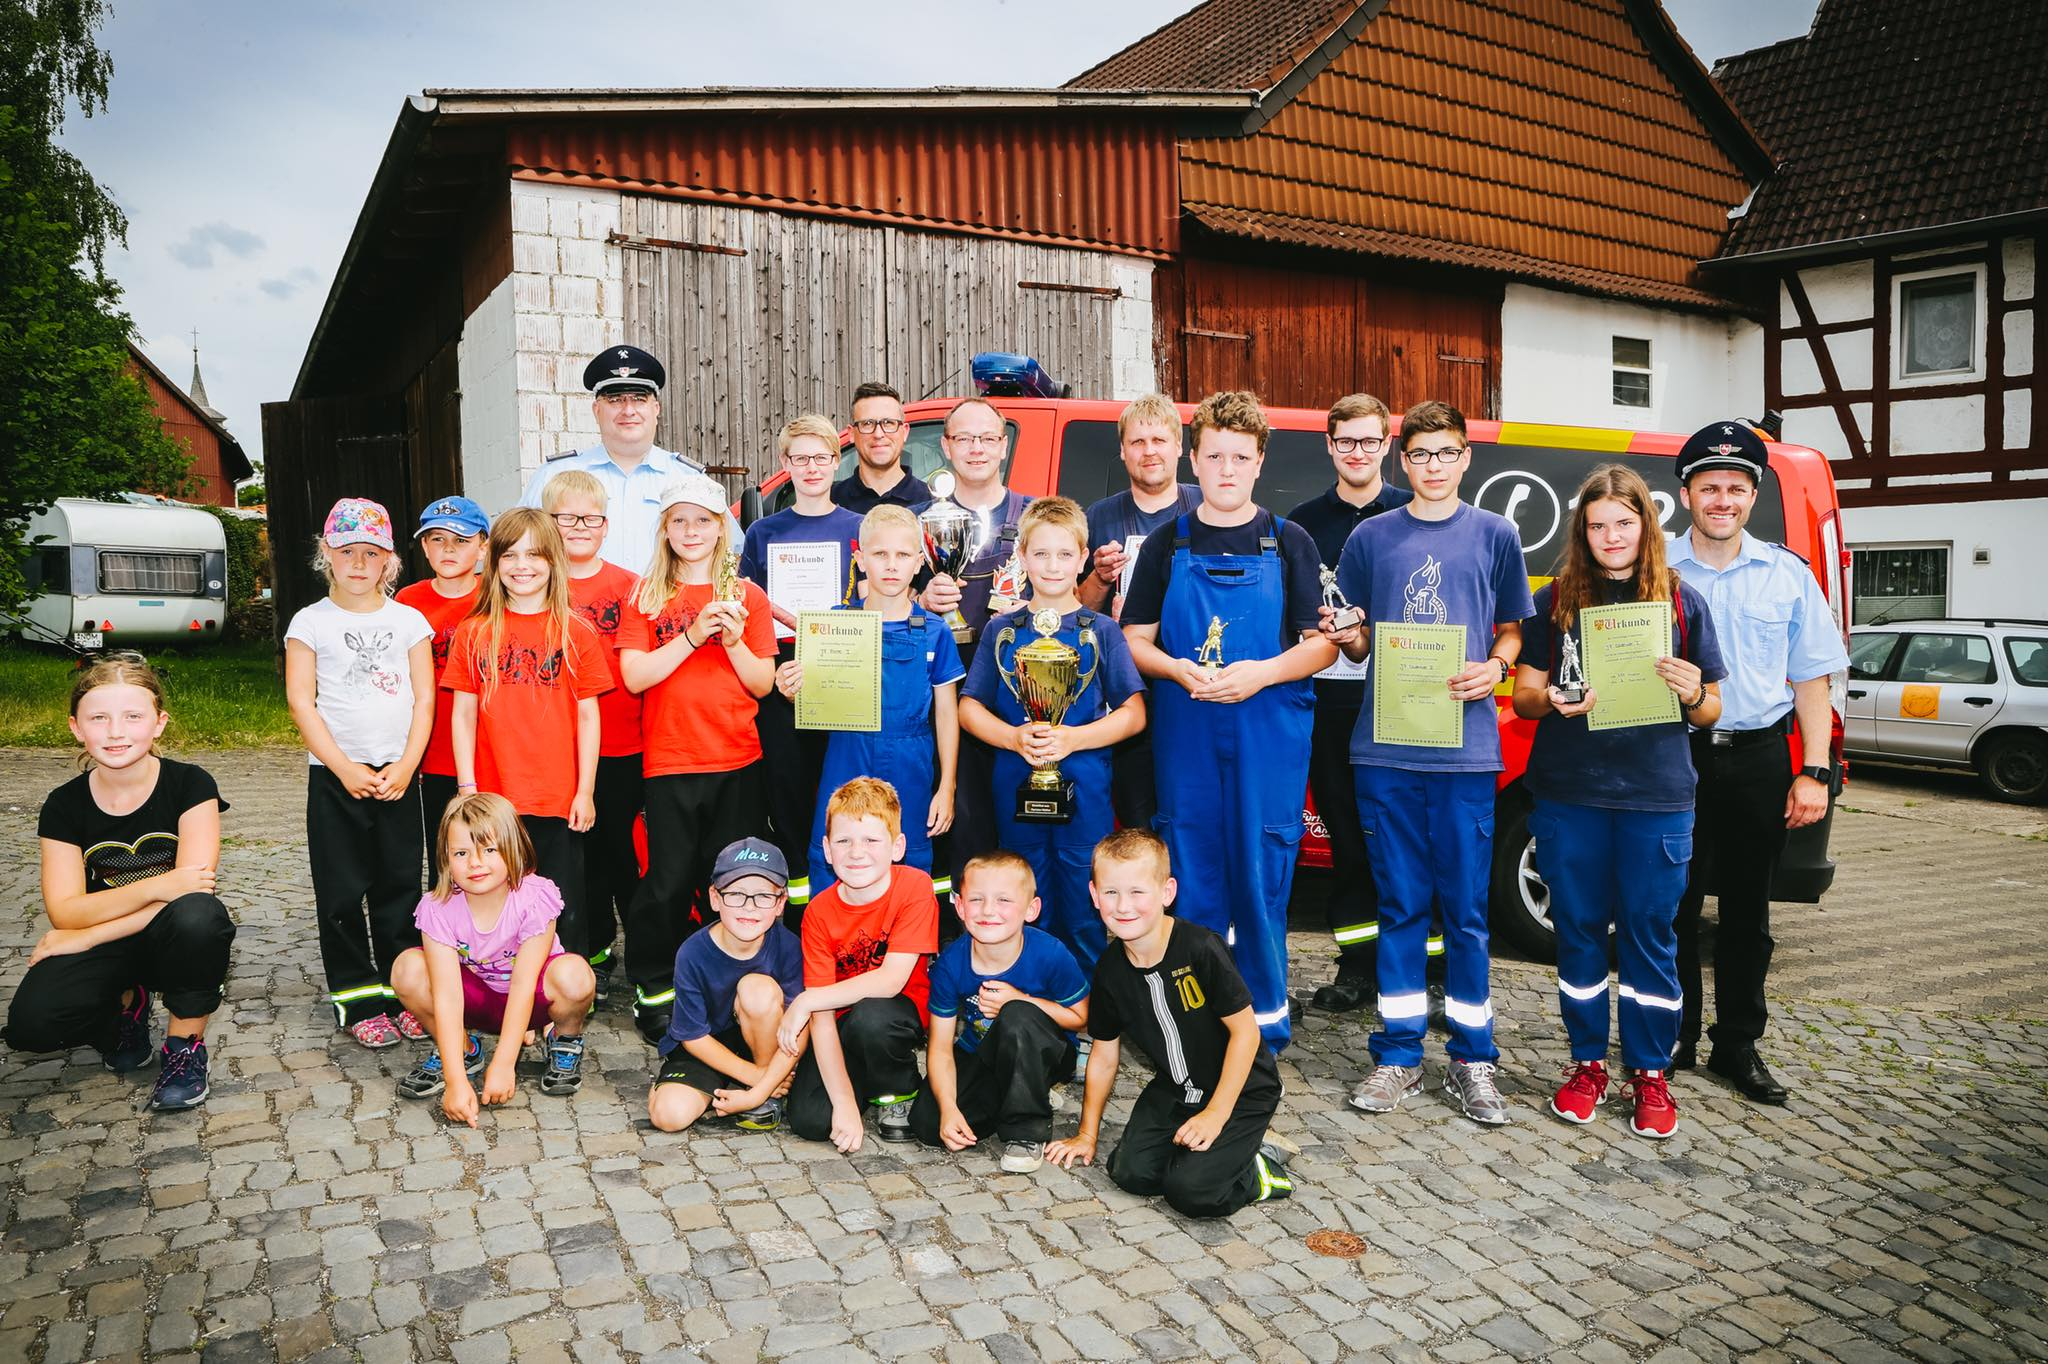 Oldershausen und Echte siegen bei Orientierungsmarsch in Dögerode